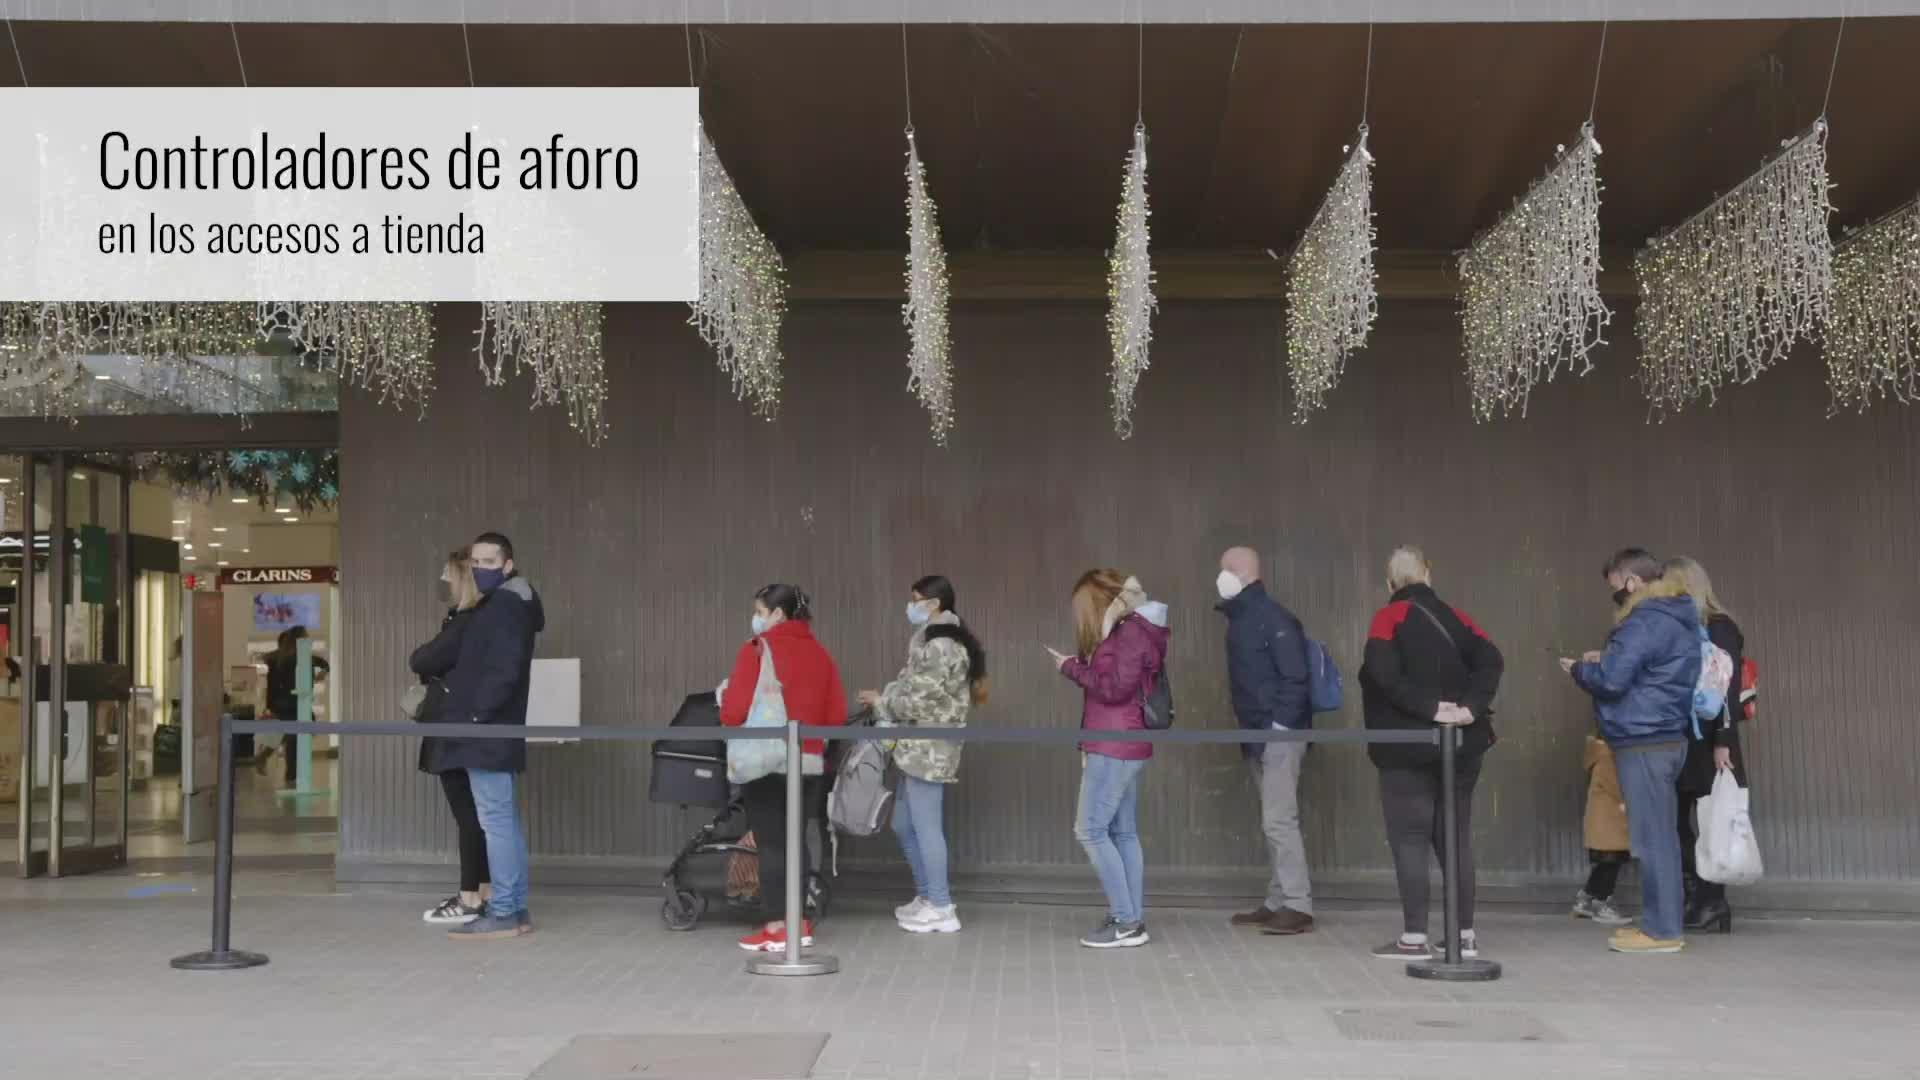 Más de 55 personas controlarán aforos en los centros de El Corte Inglés en Palma ante las nuevas restricciones